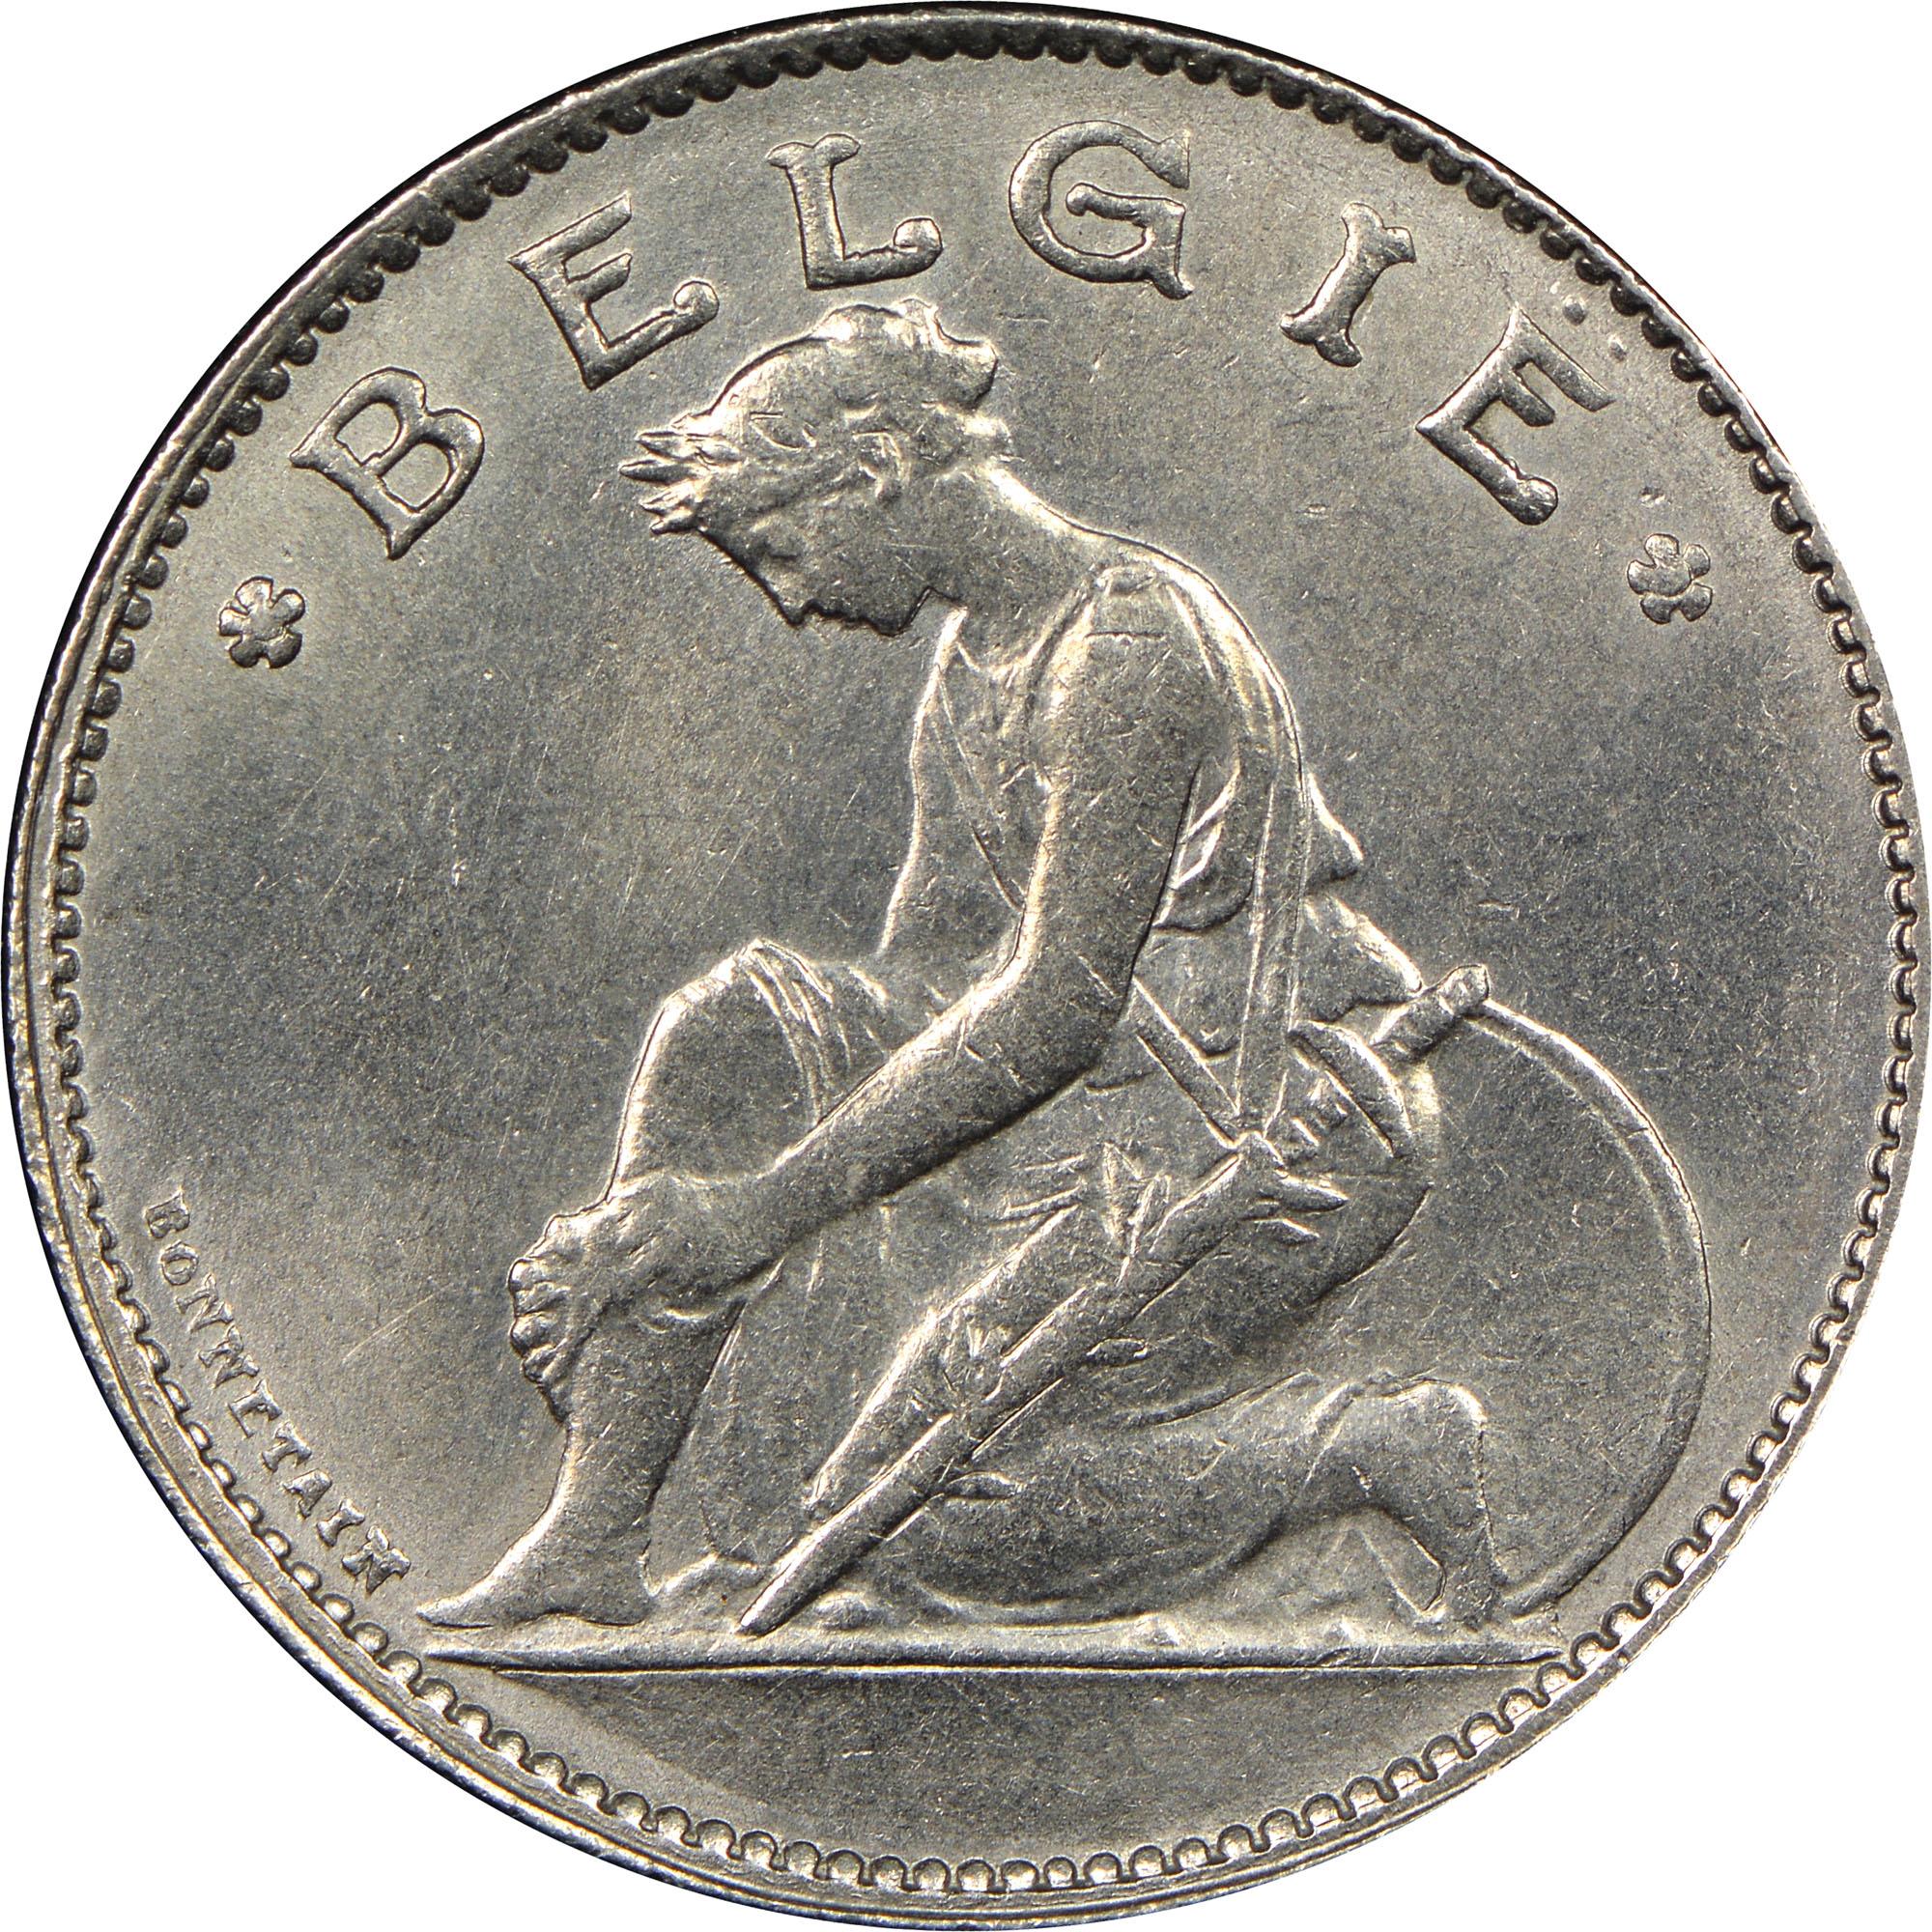 Belgium Franc obverse